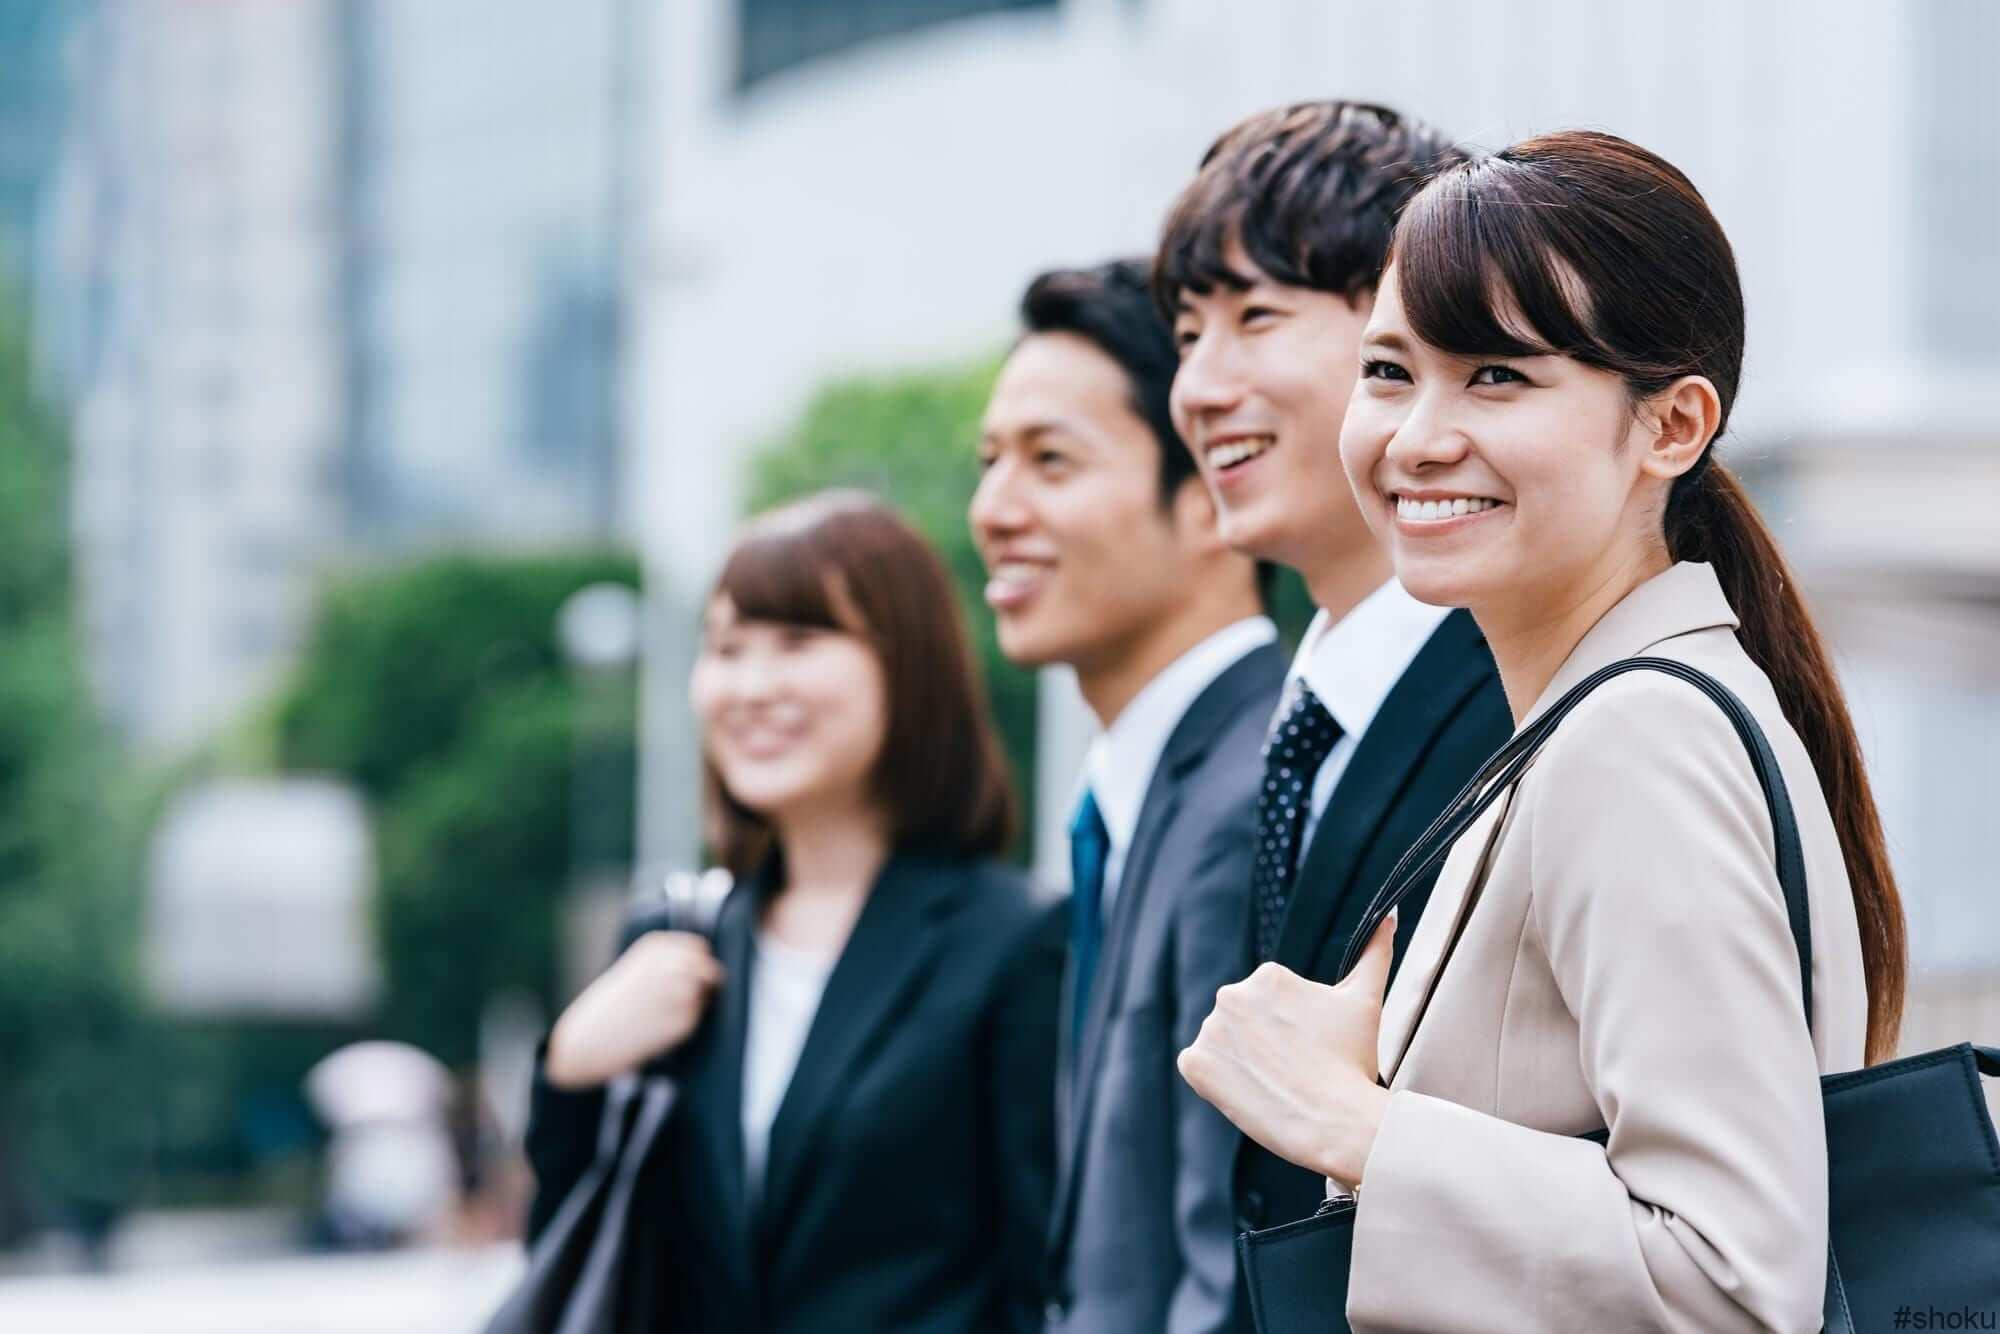 営業になりたい人向け転職エージェント求人数ランキング